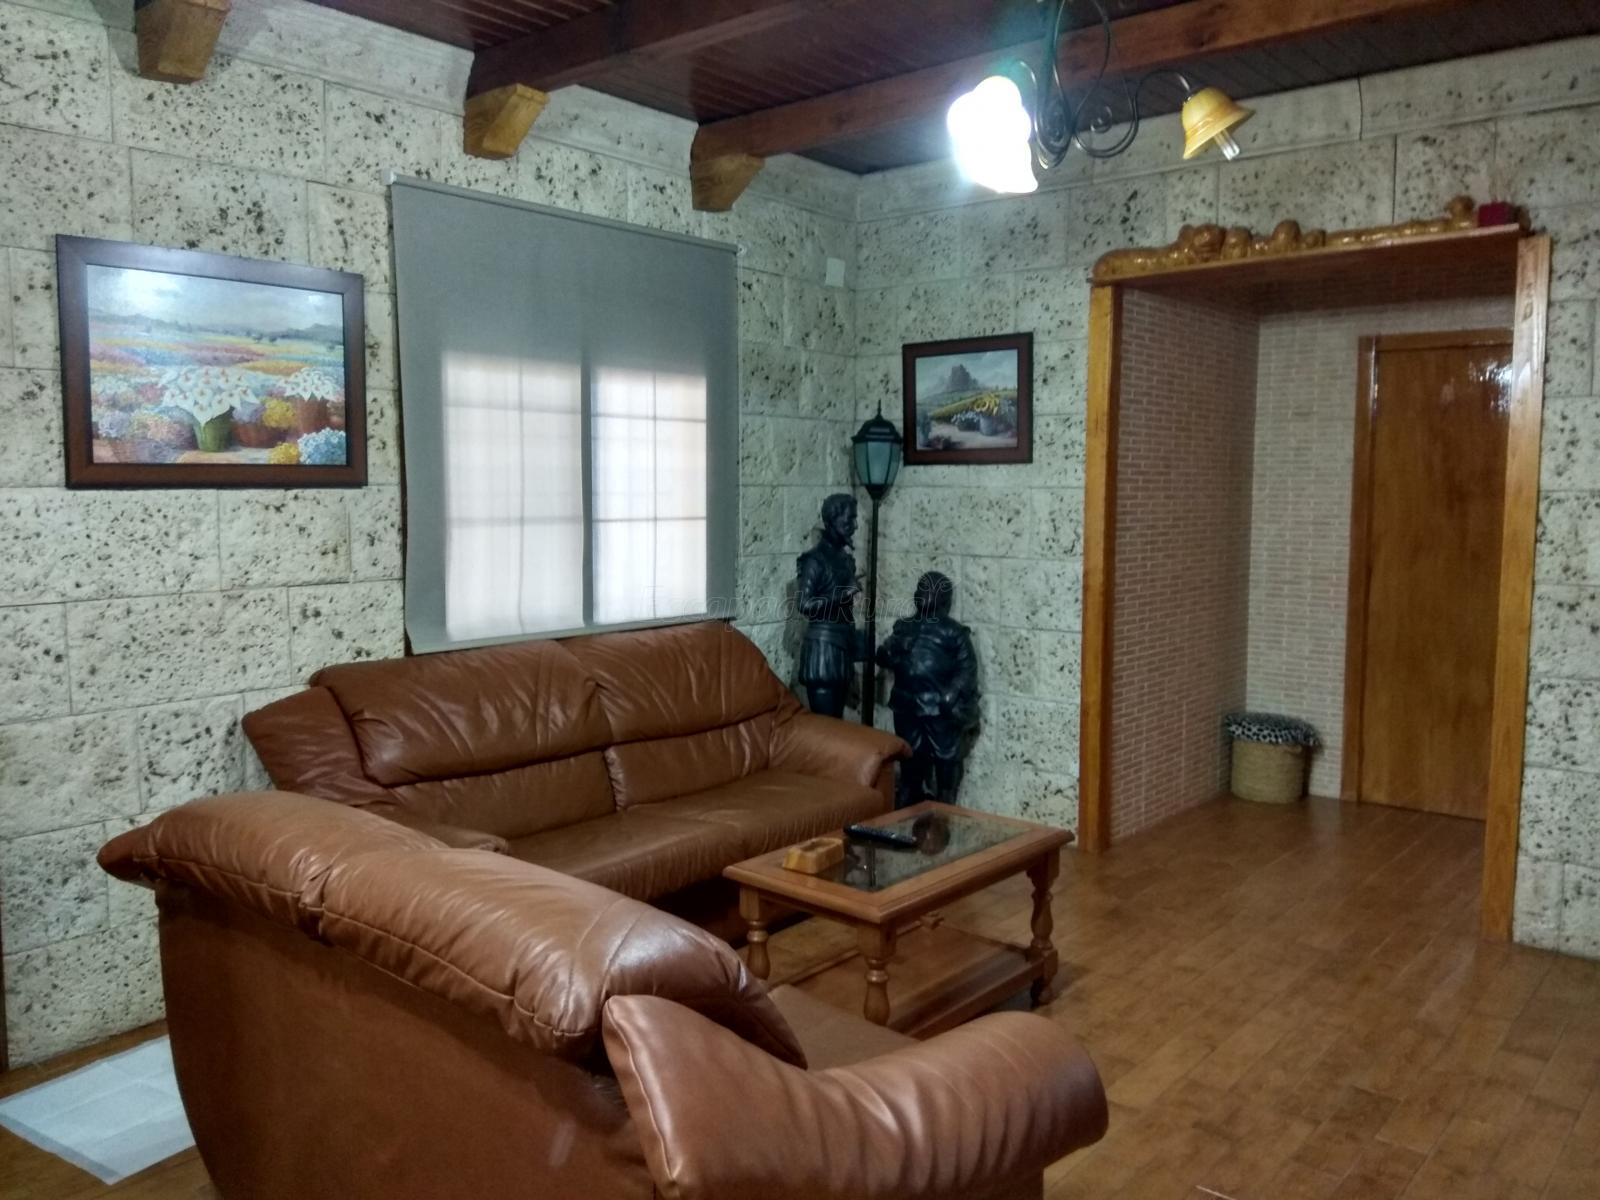 Opiniones sobre casa rural daniel ciudad real - Casa rural daniel ...